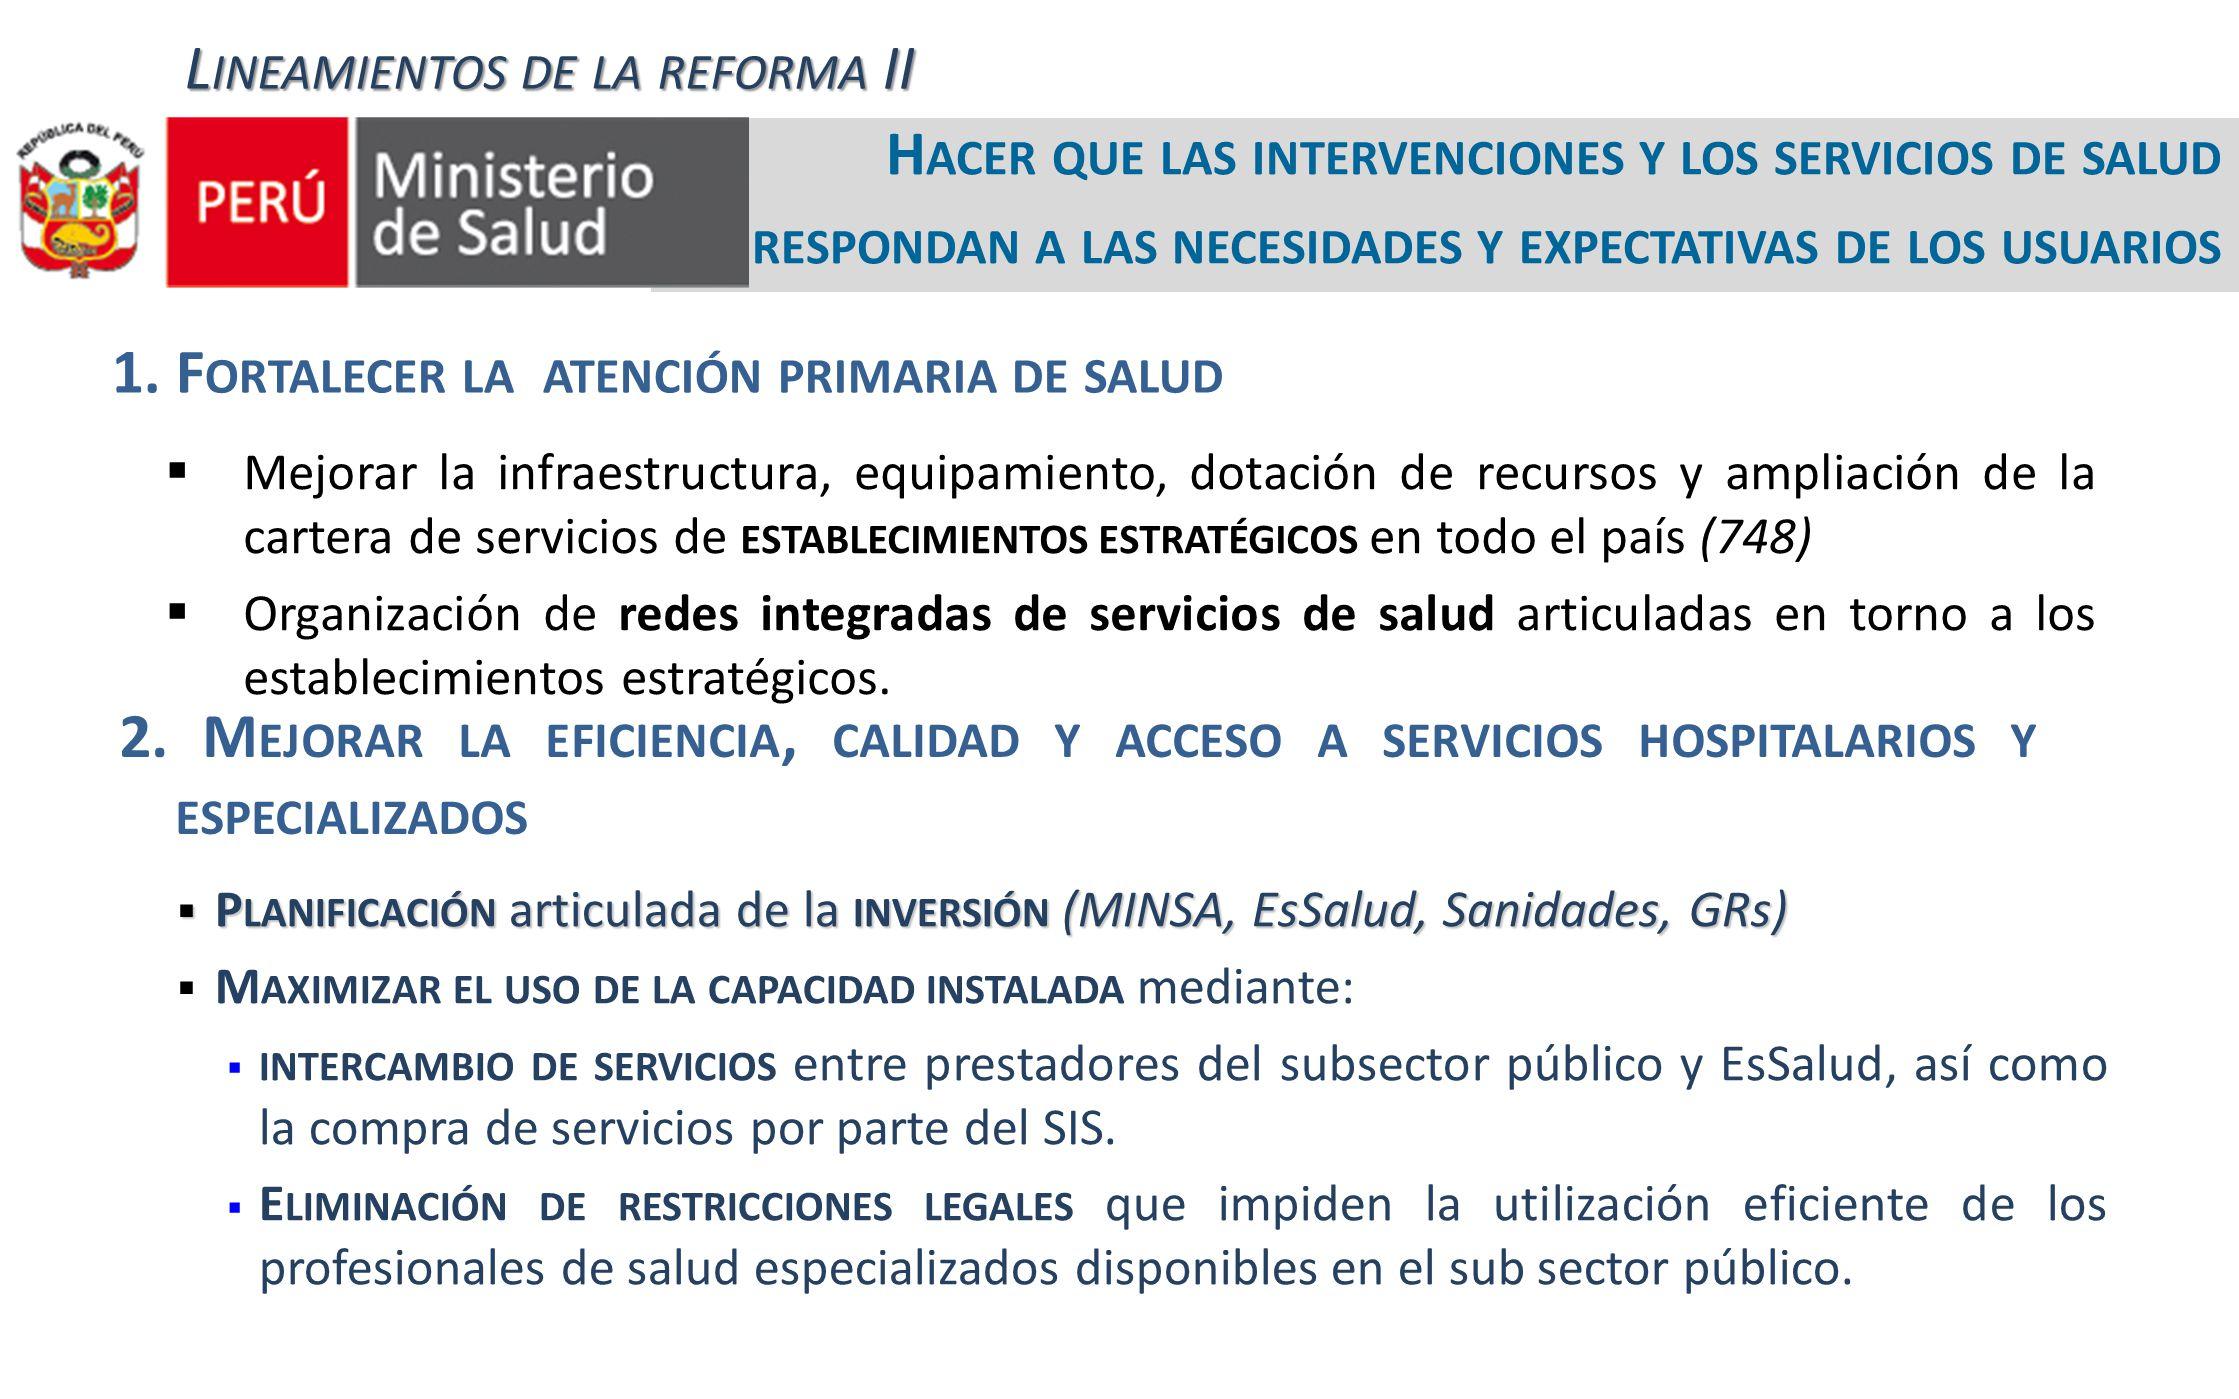 Mejorar la infraestructura, equipamiento, dotación de recursos y ampliación de la cartera de servicios de ESTABLECIMIENTOS ESTRATÉGICOS en todo el país (748) Organización de redes integradas de servicios de salud articuladas en torno a los establecimientos estratégicos.